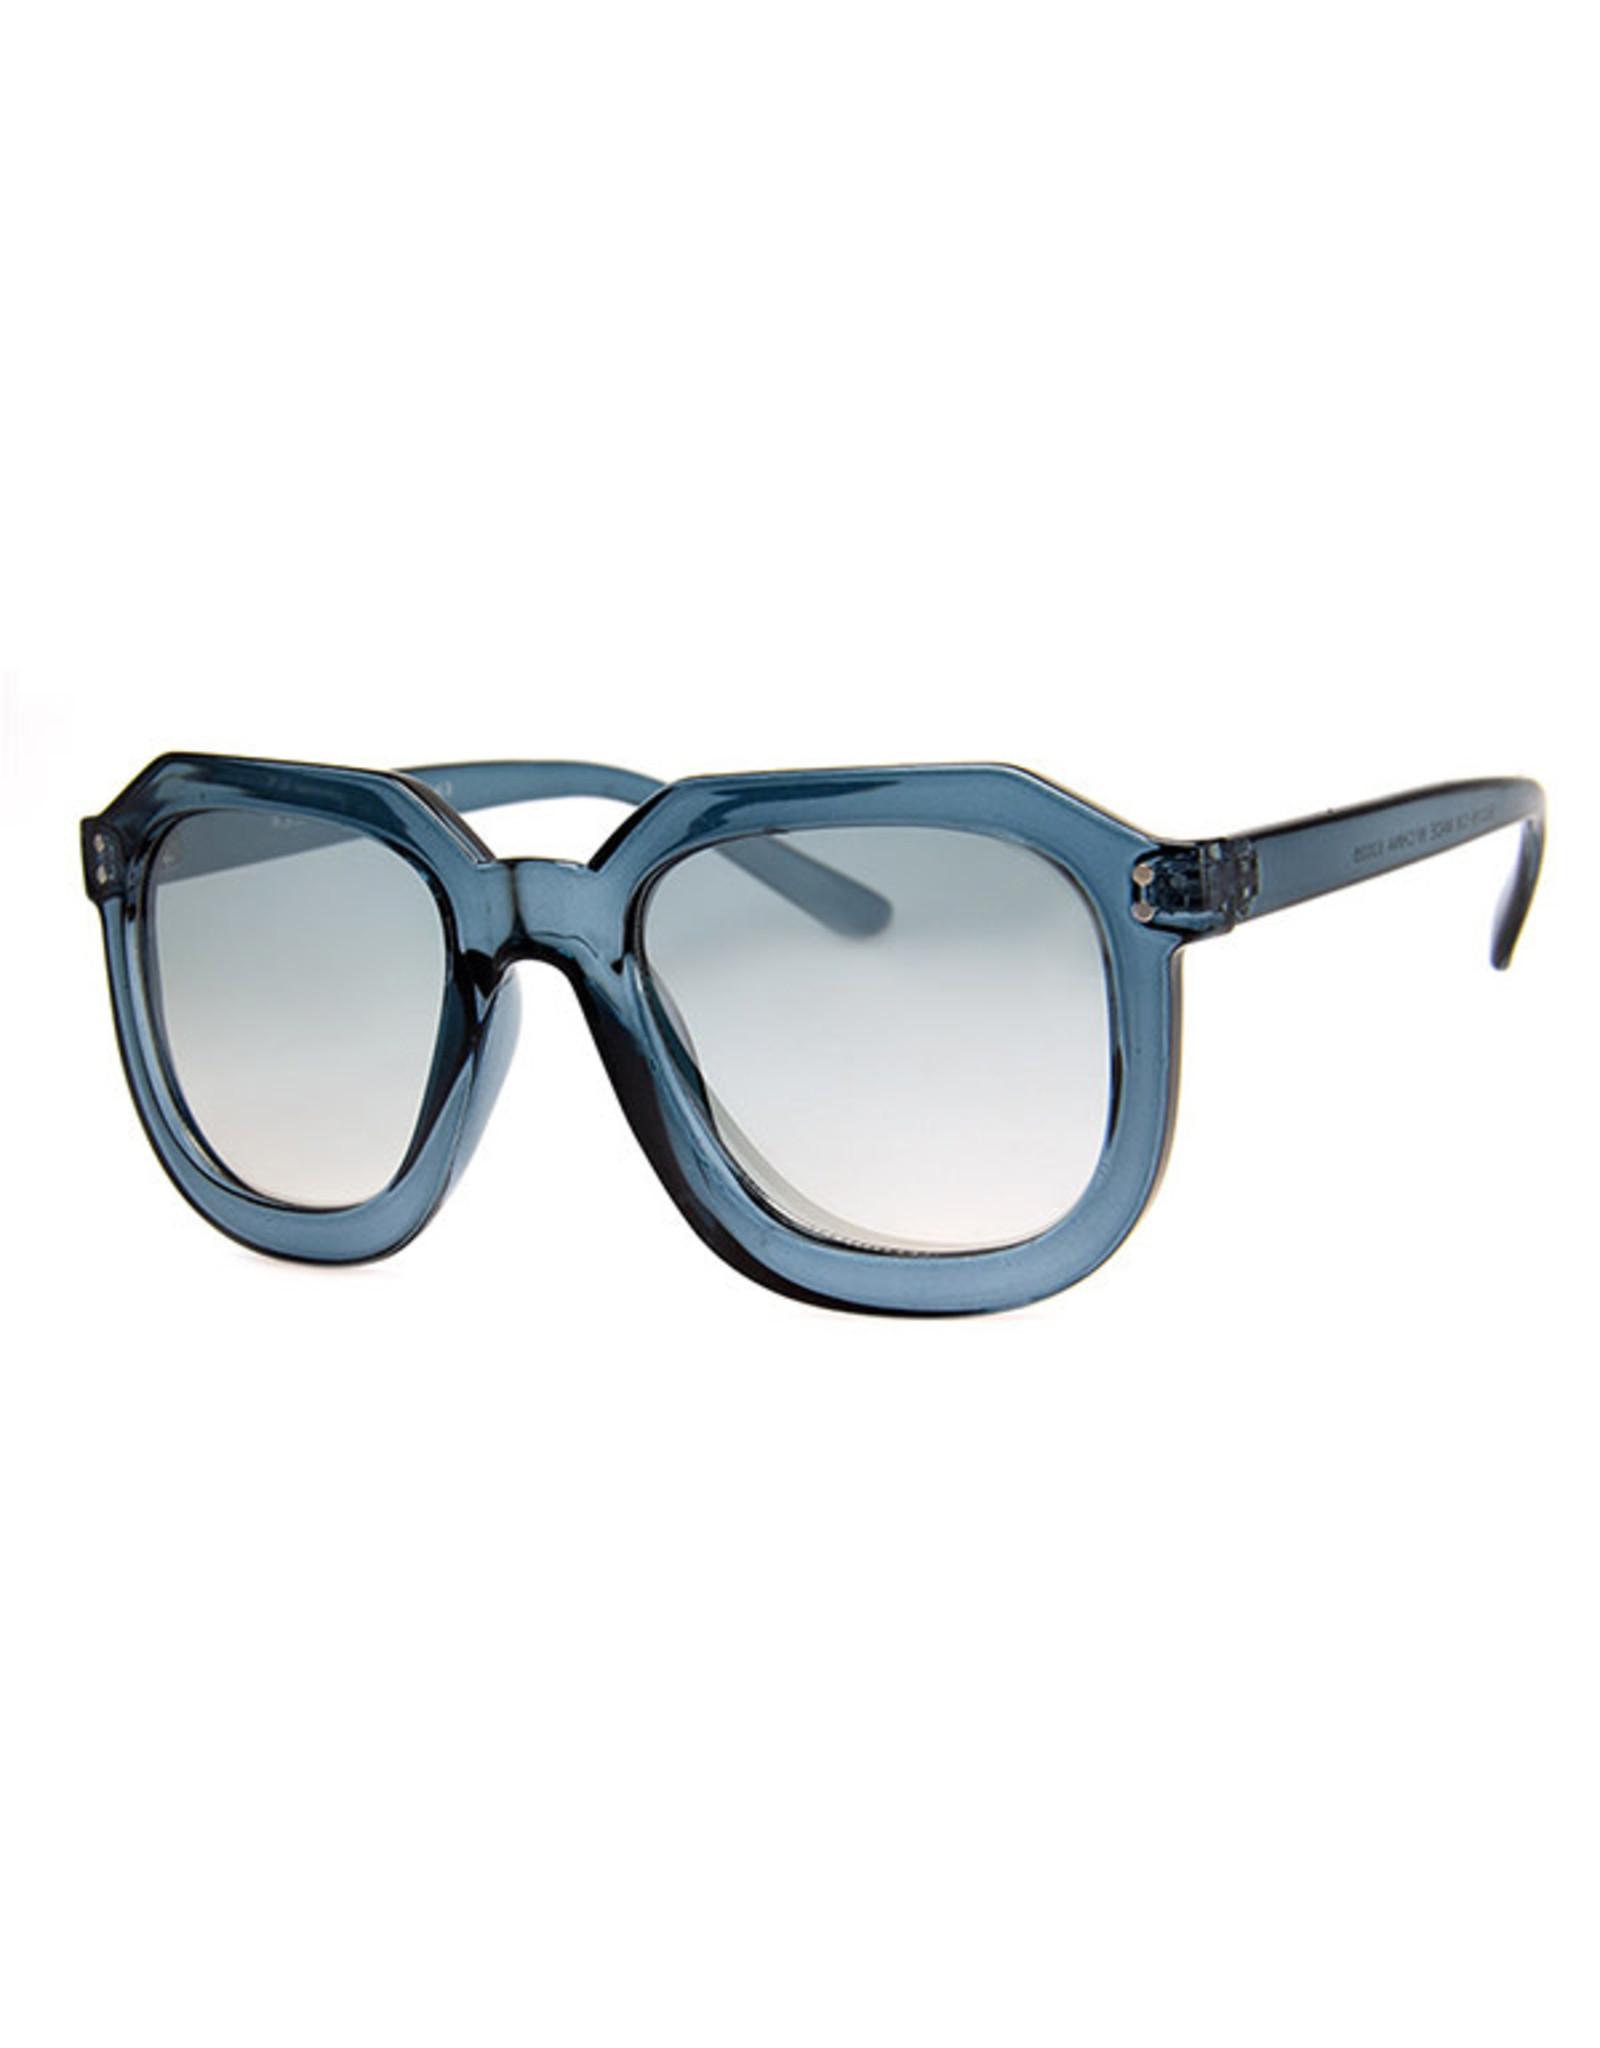 AJM - Square Rounded Frame Sunglasses